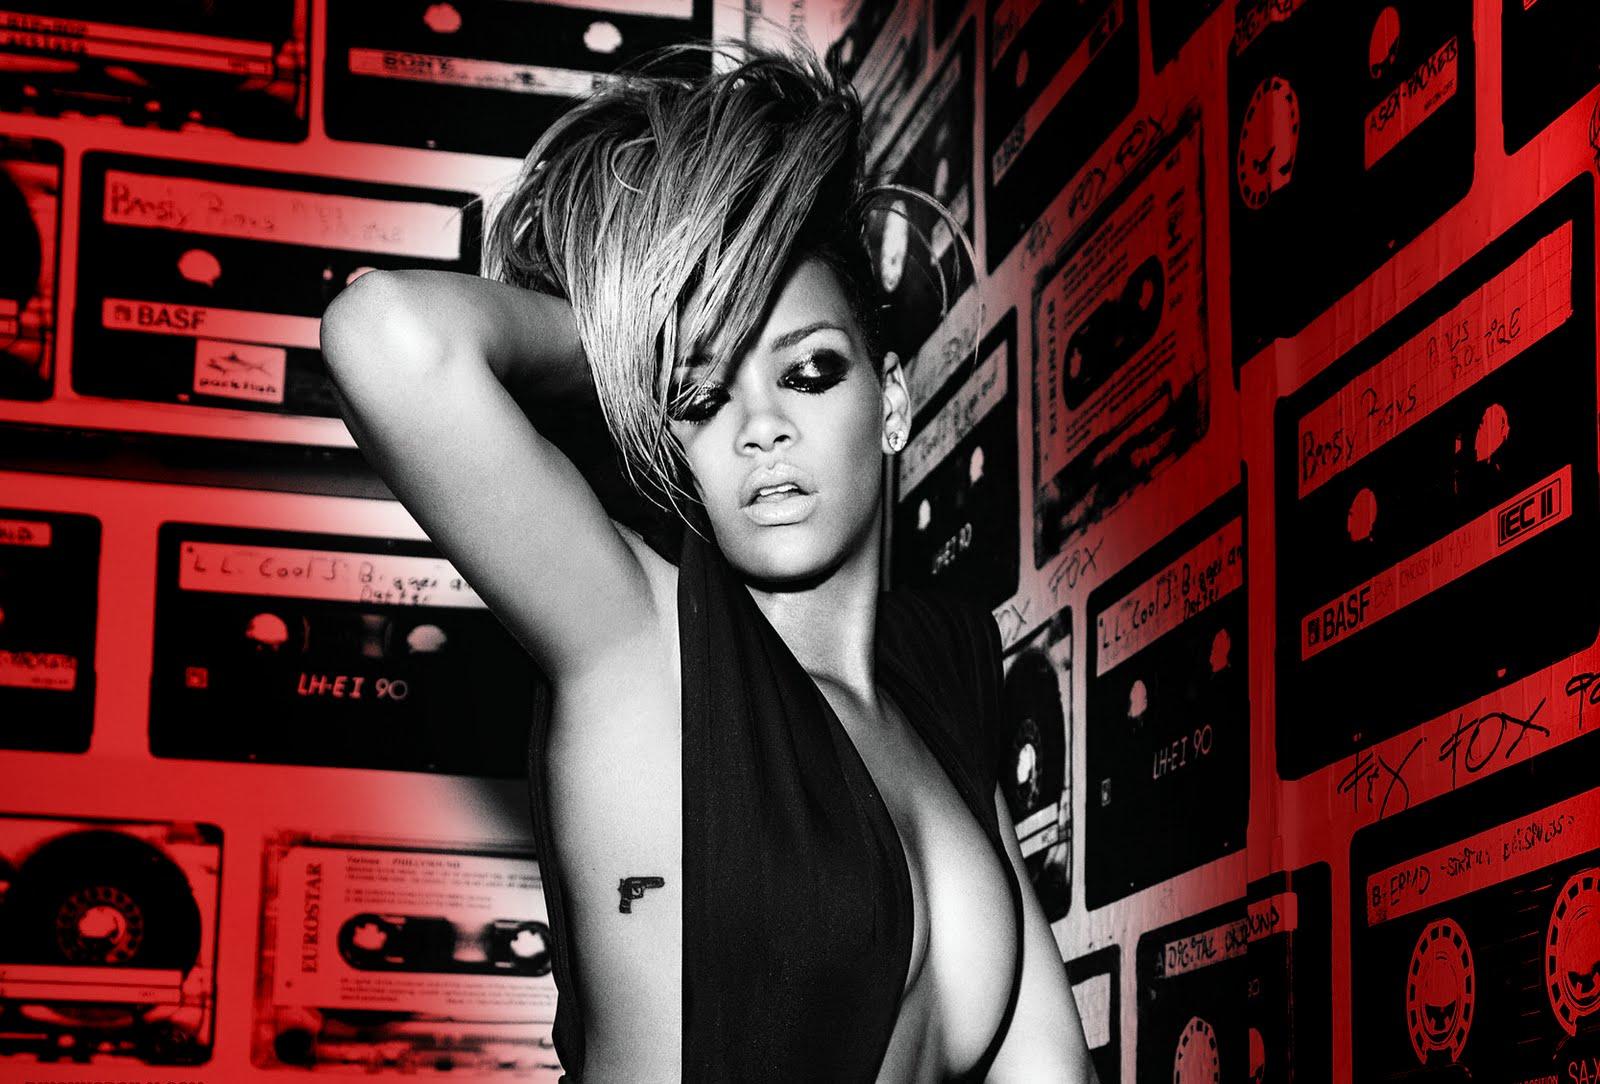 http://2.bp.blogspot.com/_Z-Fg_2TxHpM/S-z6Nnzl1zI/AAAAAAAAGJI/Yw3TtlOYiJo/s1600/Rihanna_rated_r_wallpaper_by_lukasz1214.jpg